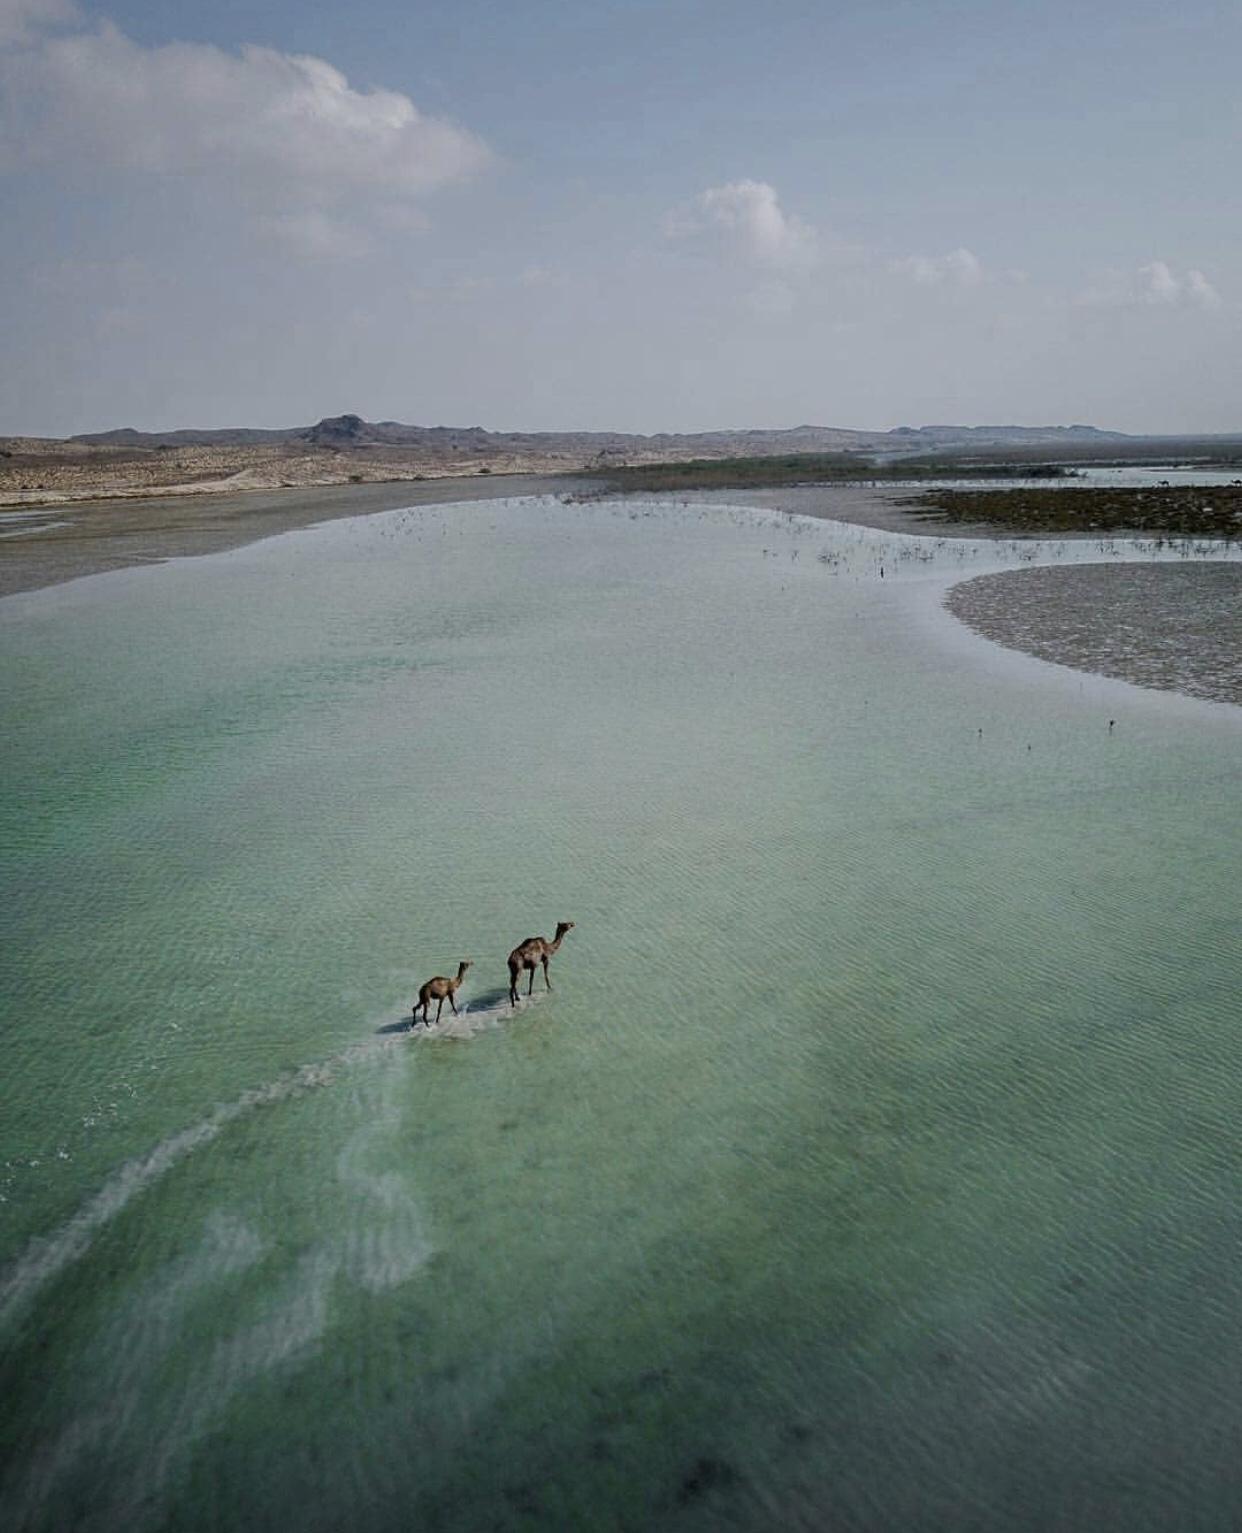 عدسة إيرانية: شواطئ ايران على المحيط الهندي، سيستان بالوشستان 1